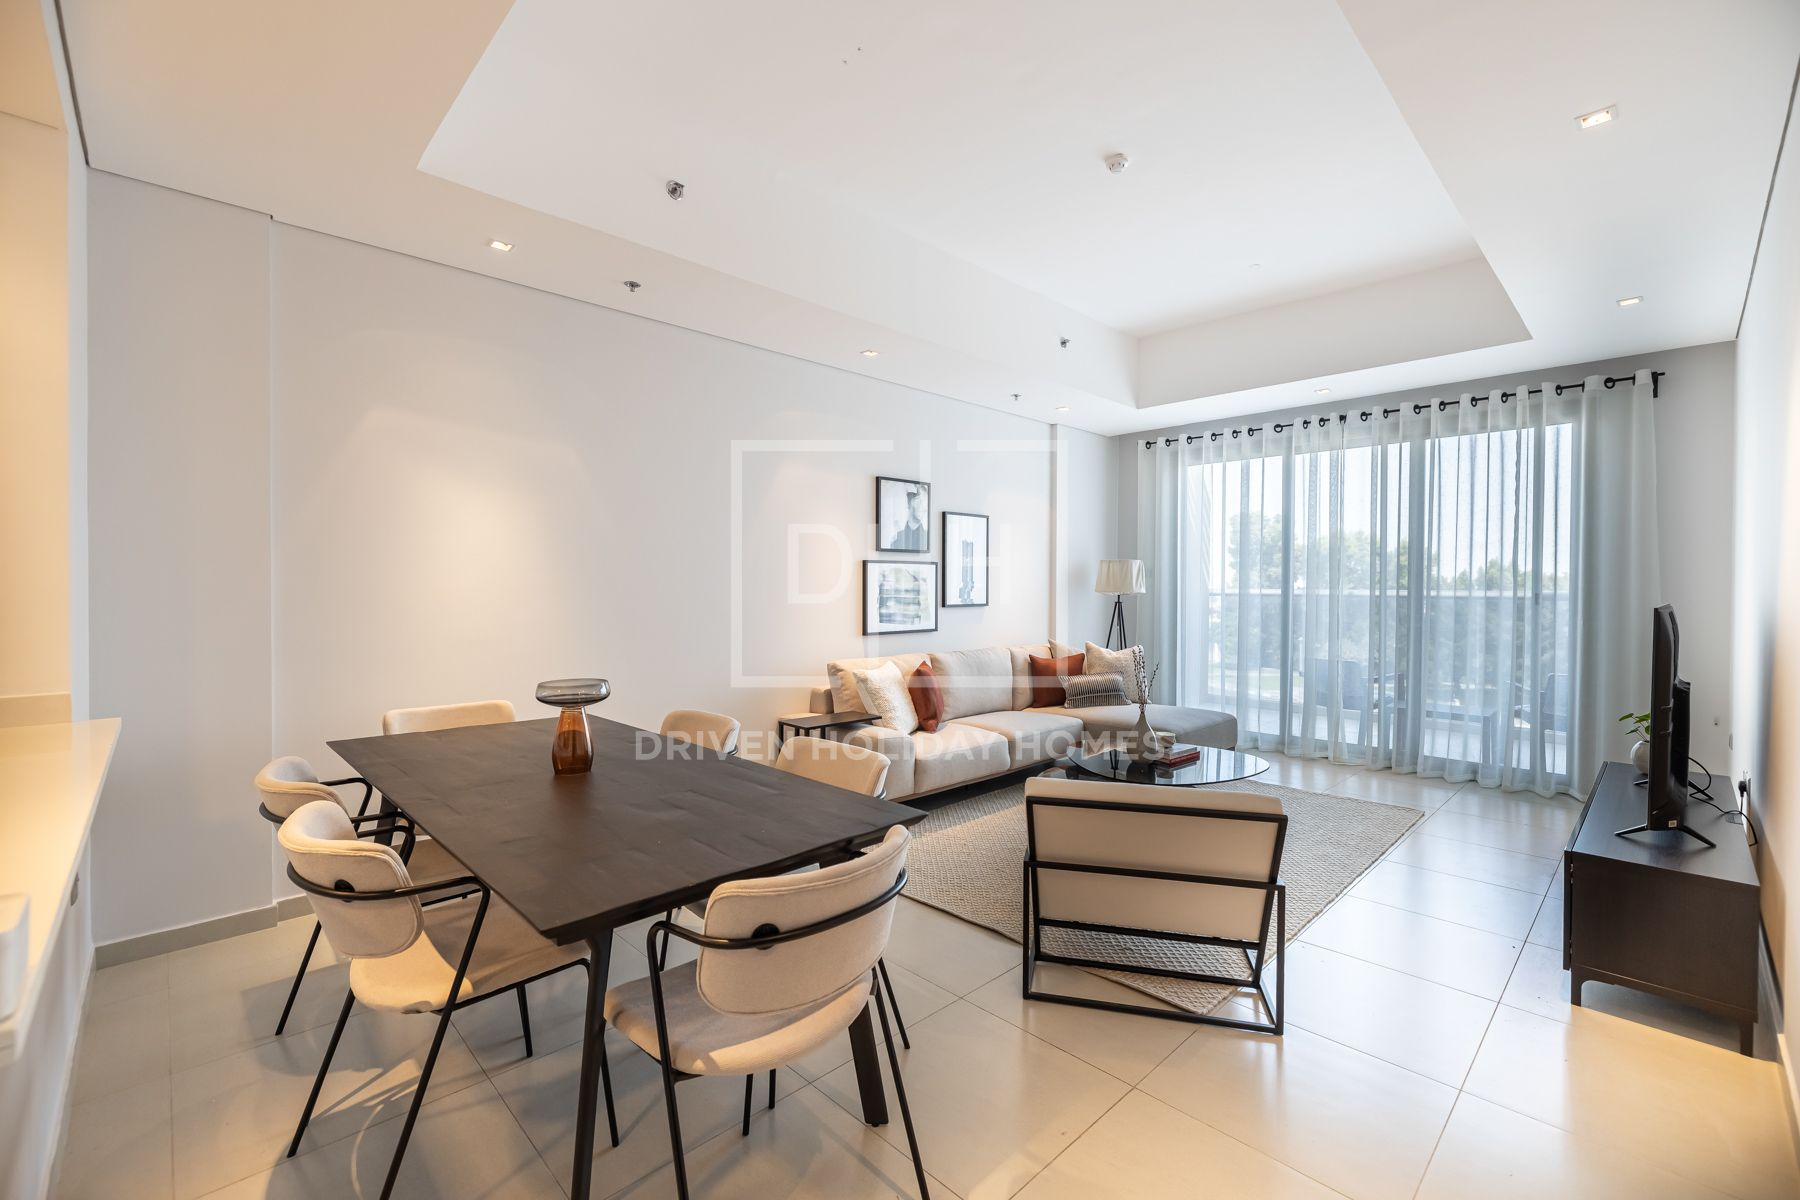 1,206 قدم مربع  شقة - للايجار - أم سقيم